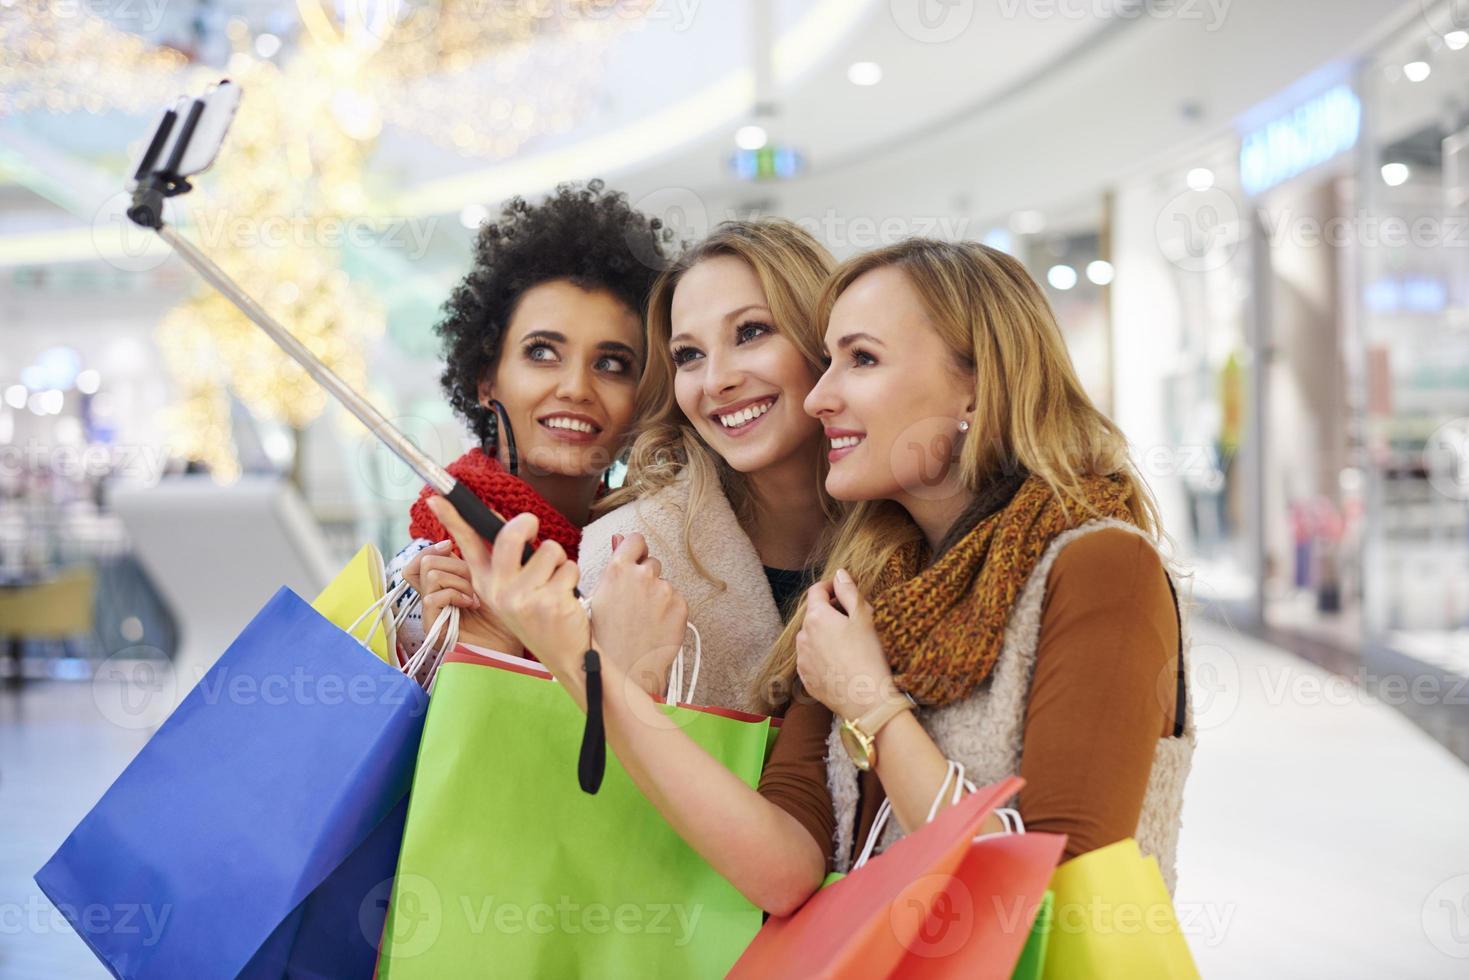 Selfie mit Selfie-Stick im Einkaufszentrum foto